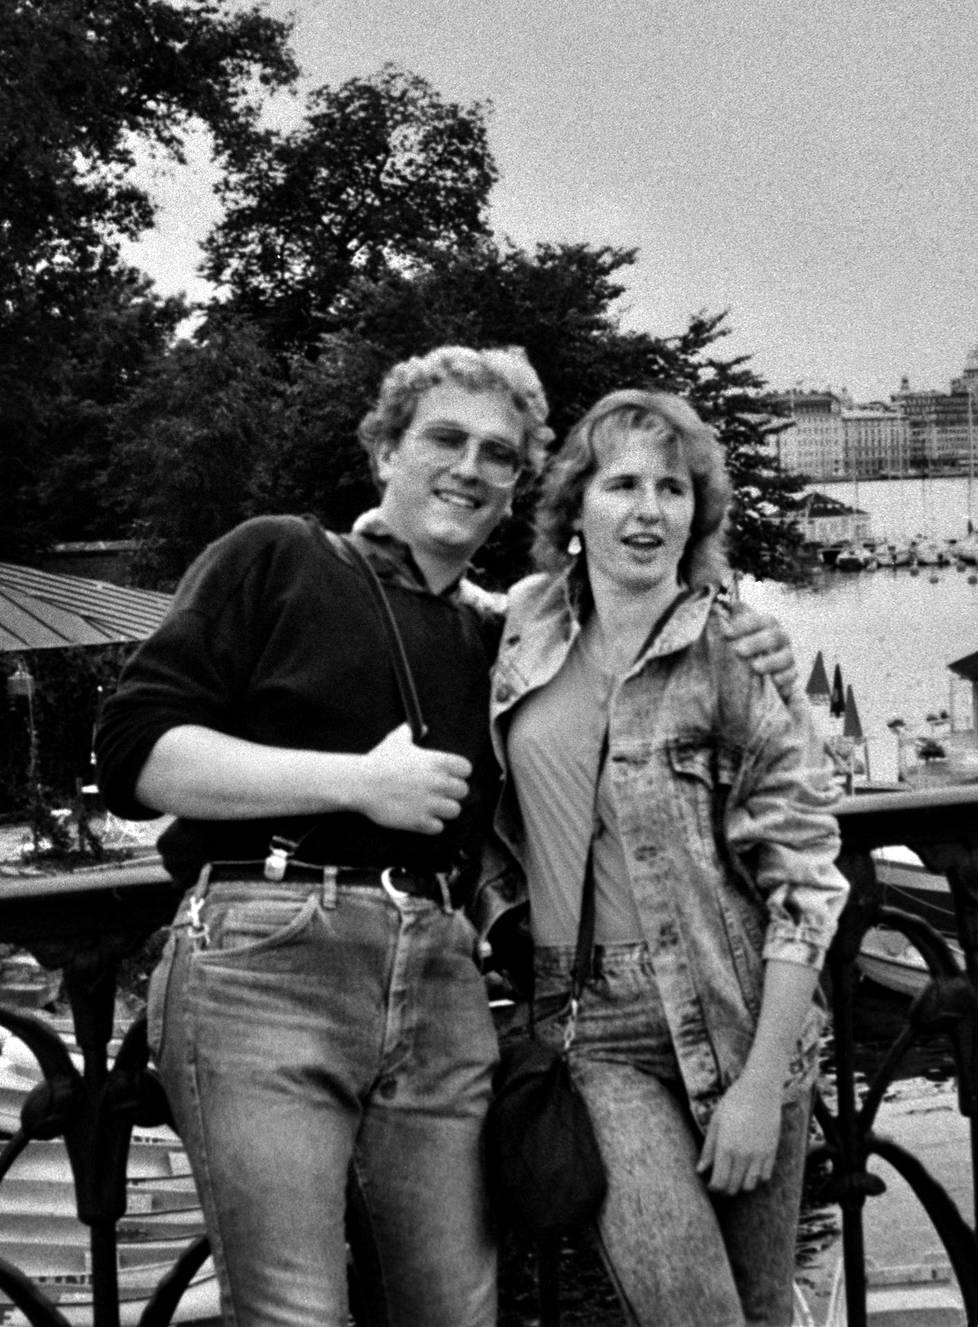 Viking Sallylla pahoinpidellyt Klaus Schelke ja Bettina Taxis. Klaus Schelke kuoli pahoinpitelyyn, joka tapahtui heinäkuun 28. päivän vastaisena yönä 1987.